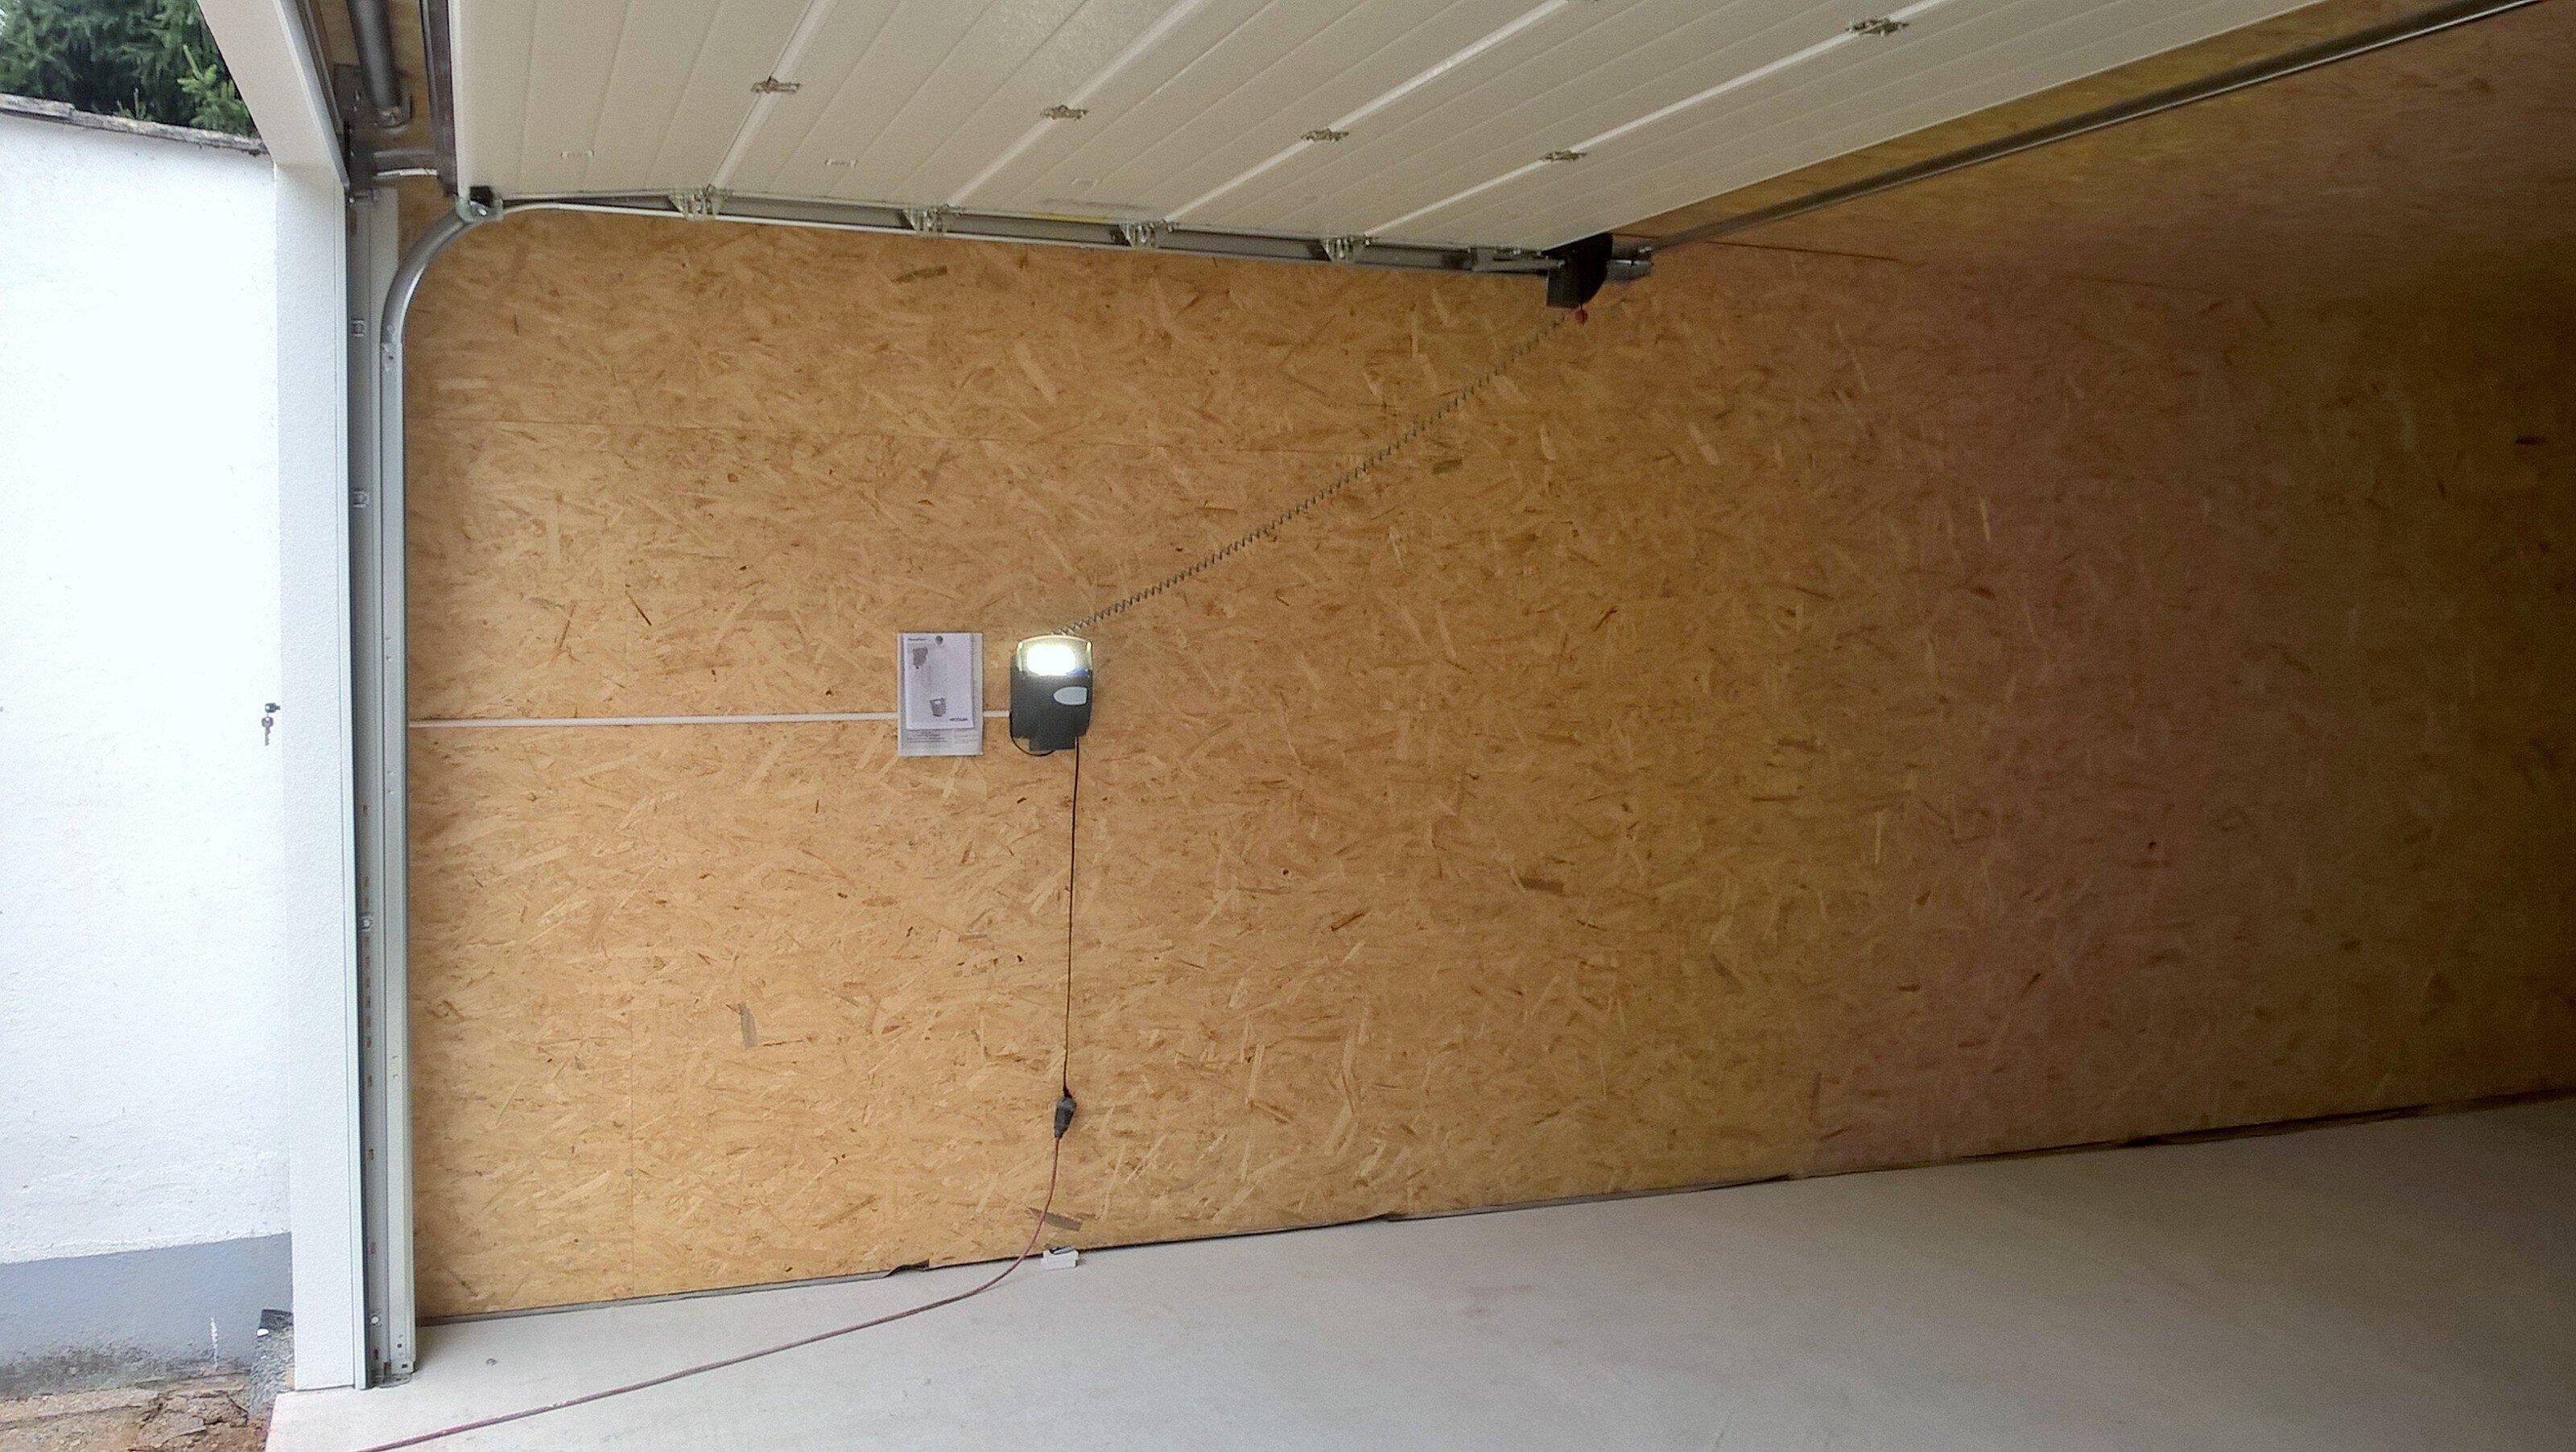 Sektionaltor mit Antrieb in ausgebauter Garage in Holzständerbauweise.